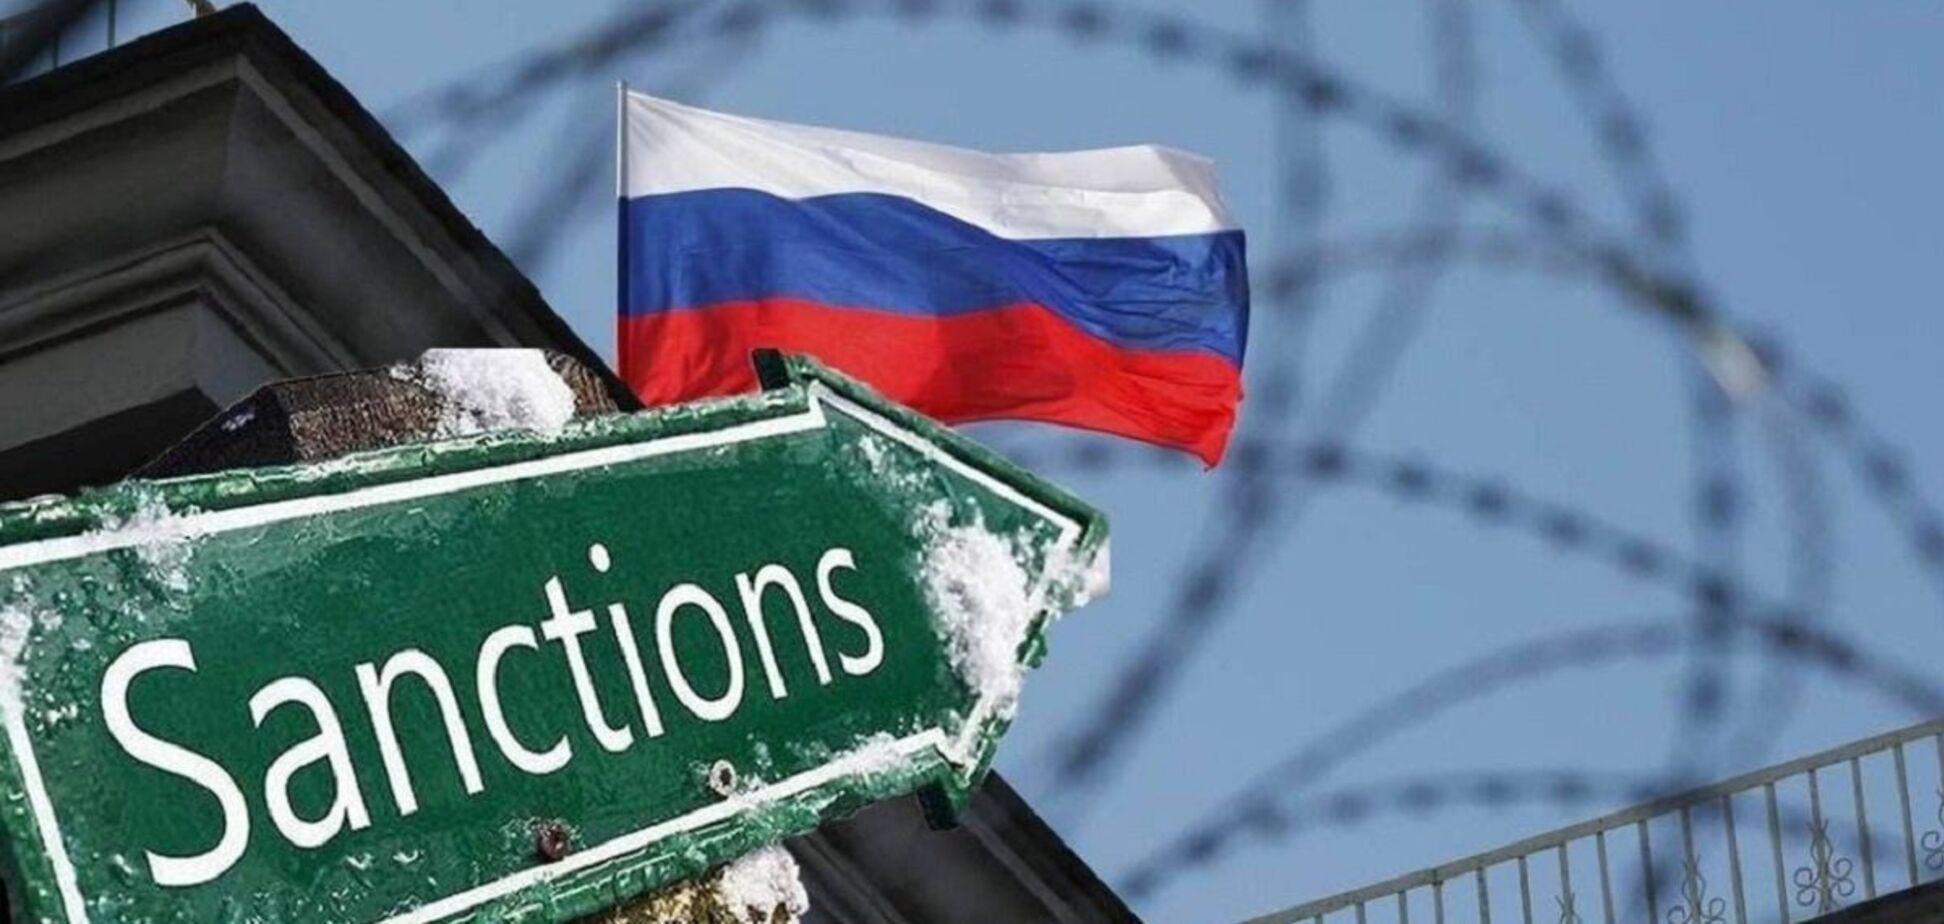 Санкції щодо 'Північного потоку-2' і Росії потрібно тільки поглиблювати, – Маркарова